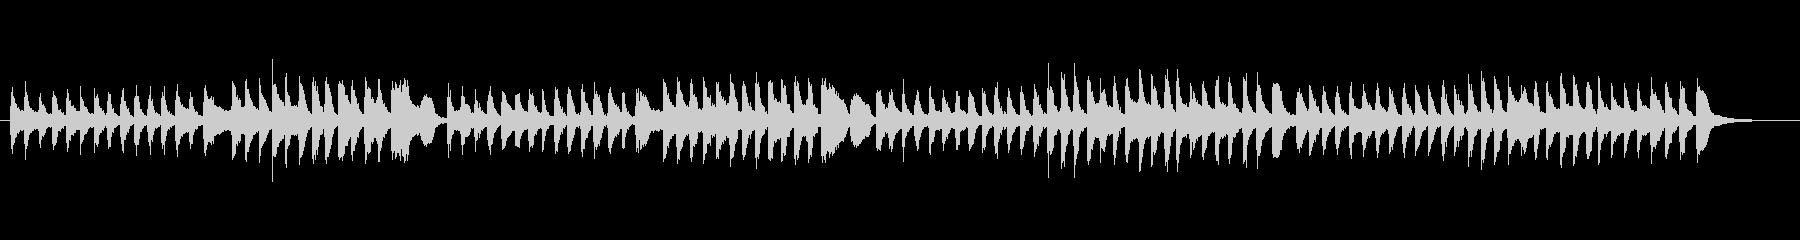 クラシックピアノ、チェルニーNo.18の未再生の波形